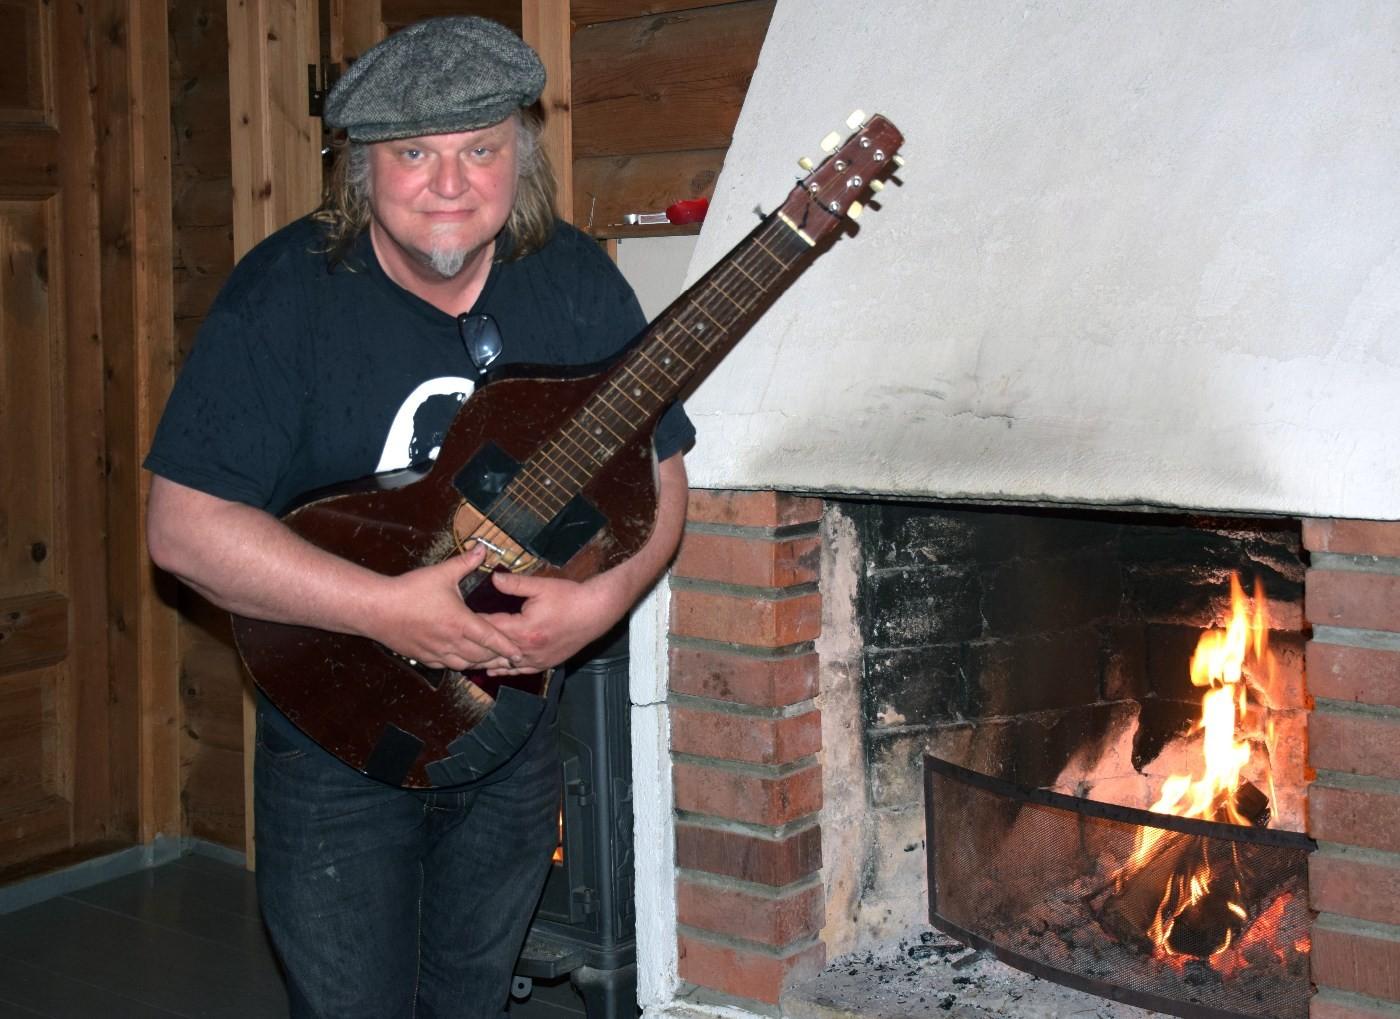 Klar med gitaren!  Knut reiersrud held konsert på Todalshytta laurdag kveld.  Foto: Jon Olav Ørsal